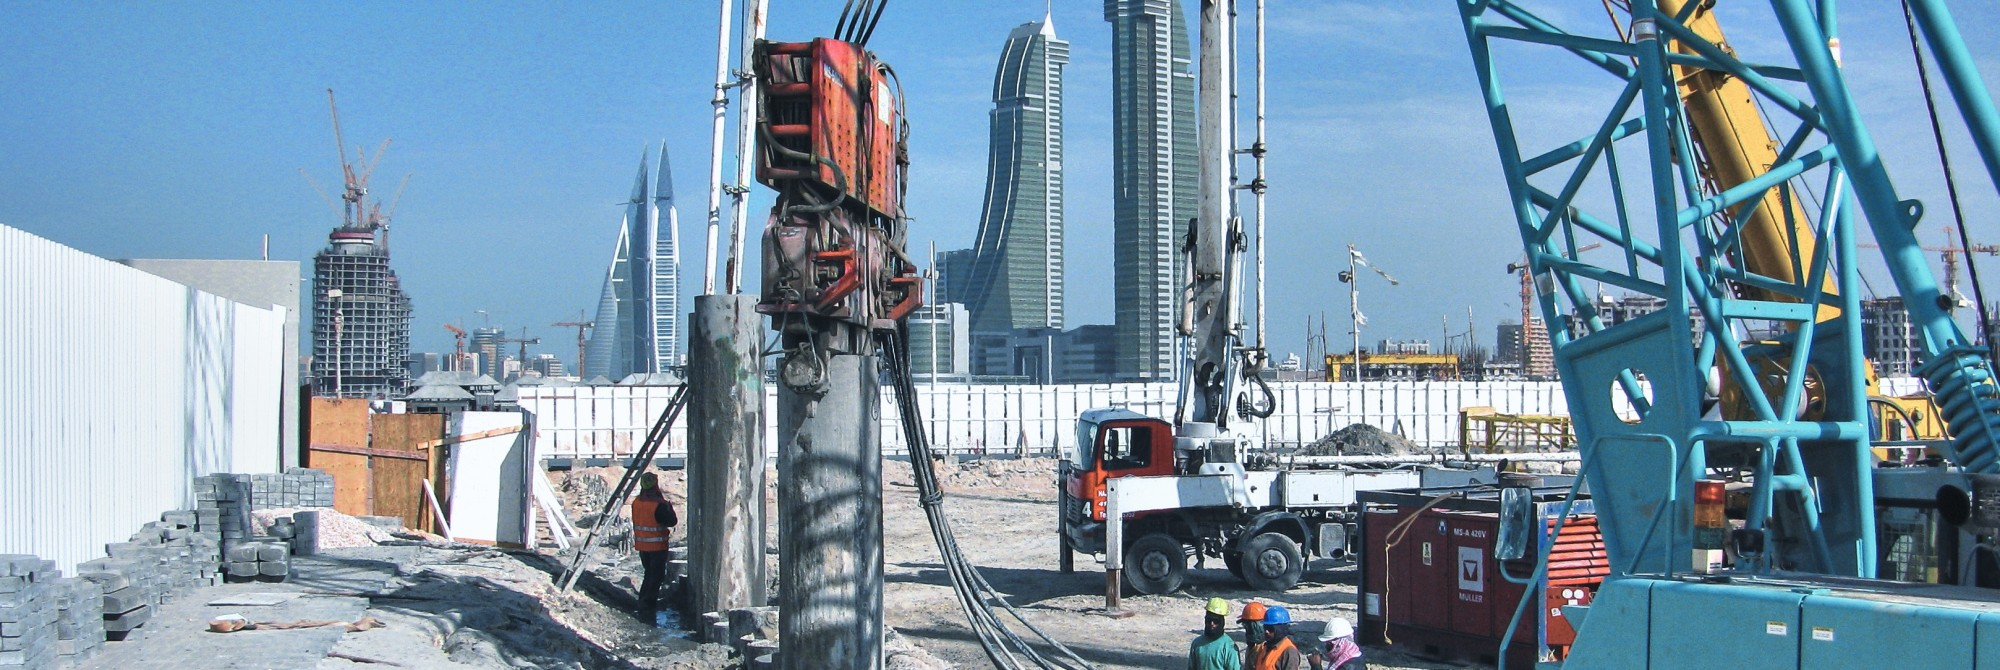 Bau & Infrastruktur